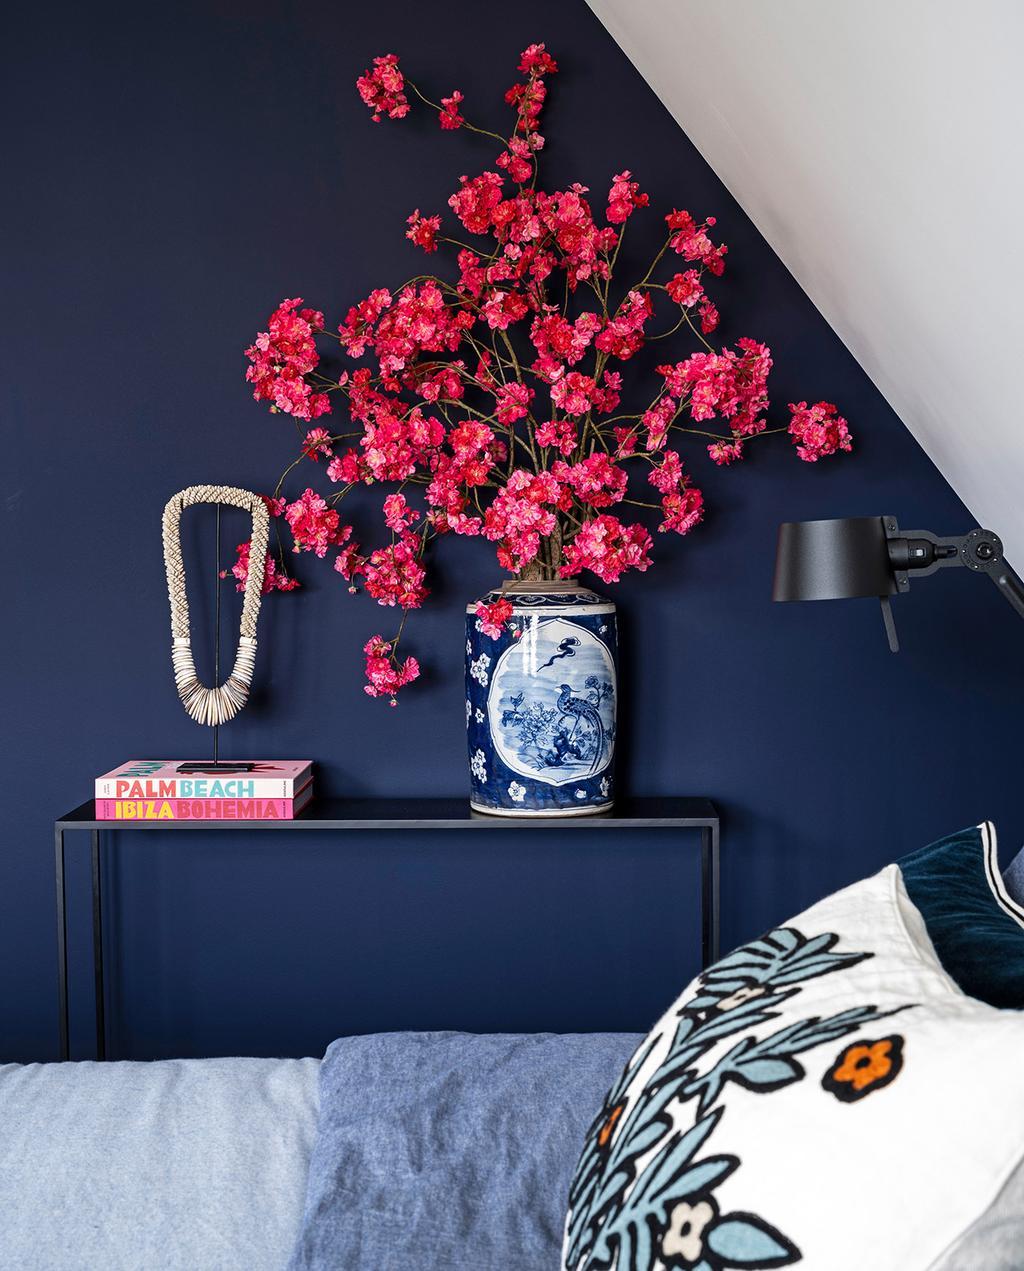 vtwonen 03-2021 | slaapkamer met schuin dak met blauwtinten en een roze bloem